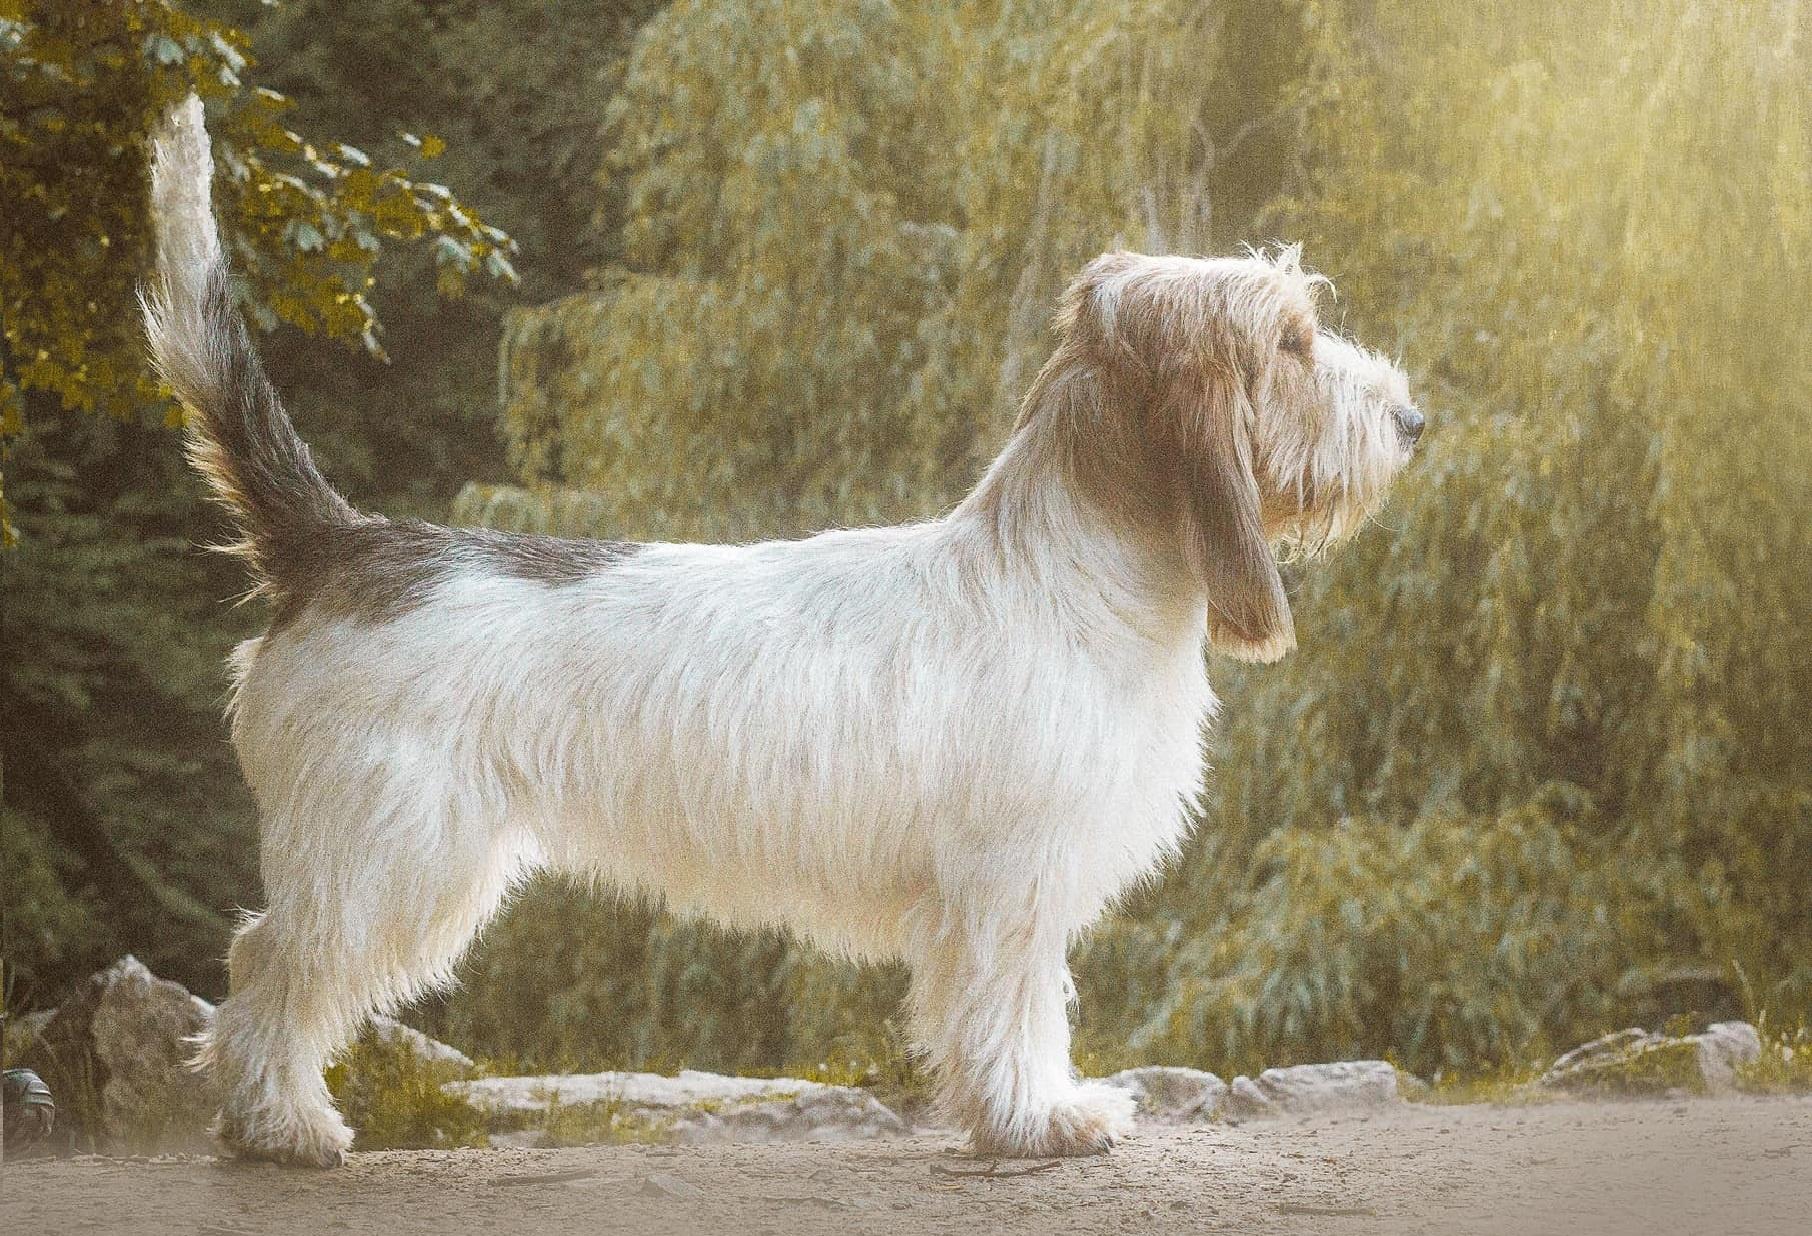 Reggaedog FIONKA